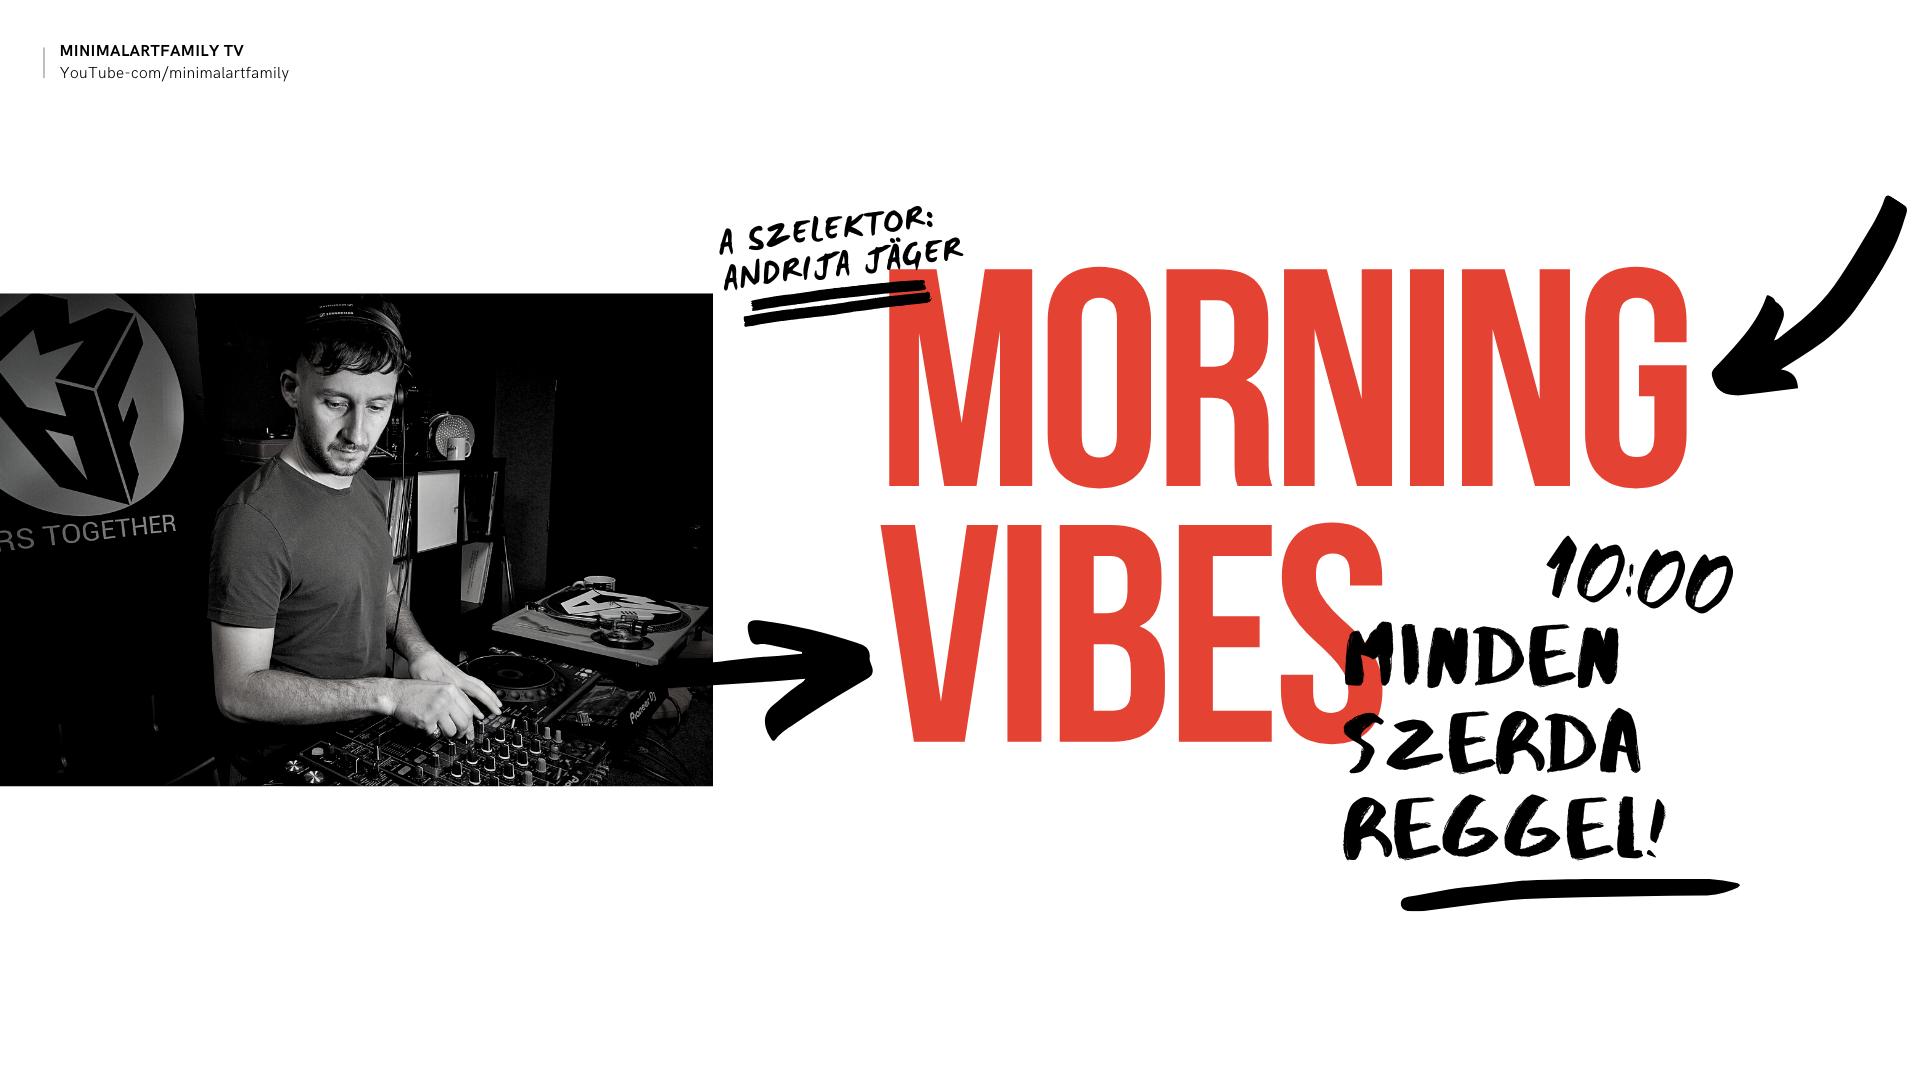 MORNING VIBES-maf-minimal-art-faymily-djprobaterem-house-djzene-techno-lemezlovas-probaterem-obuda.budapest-undeground